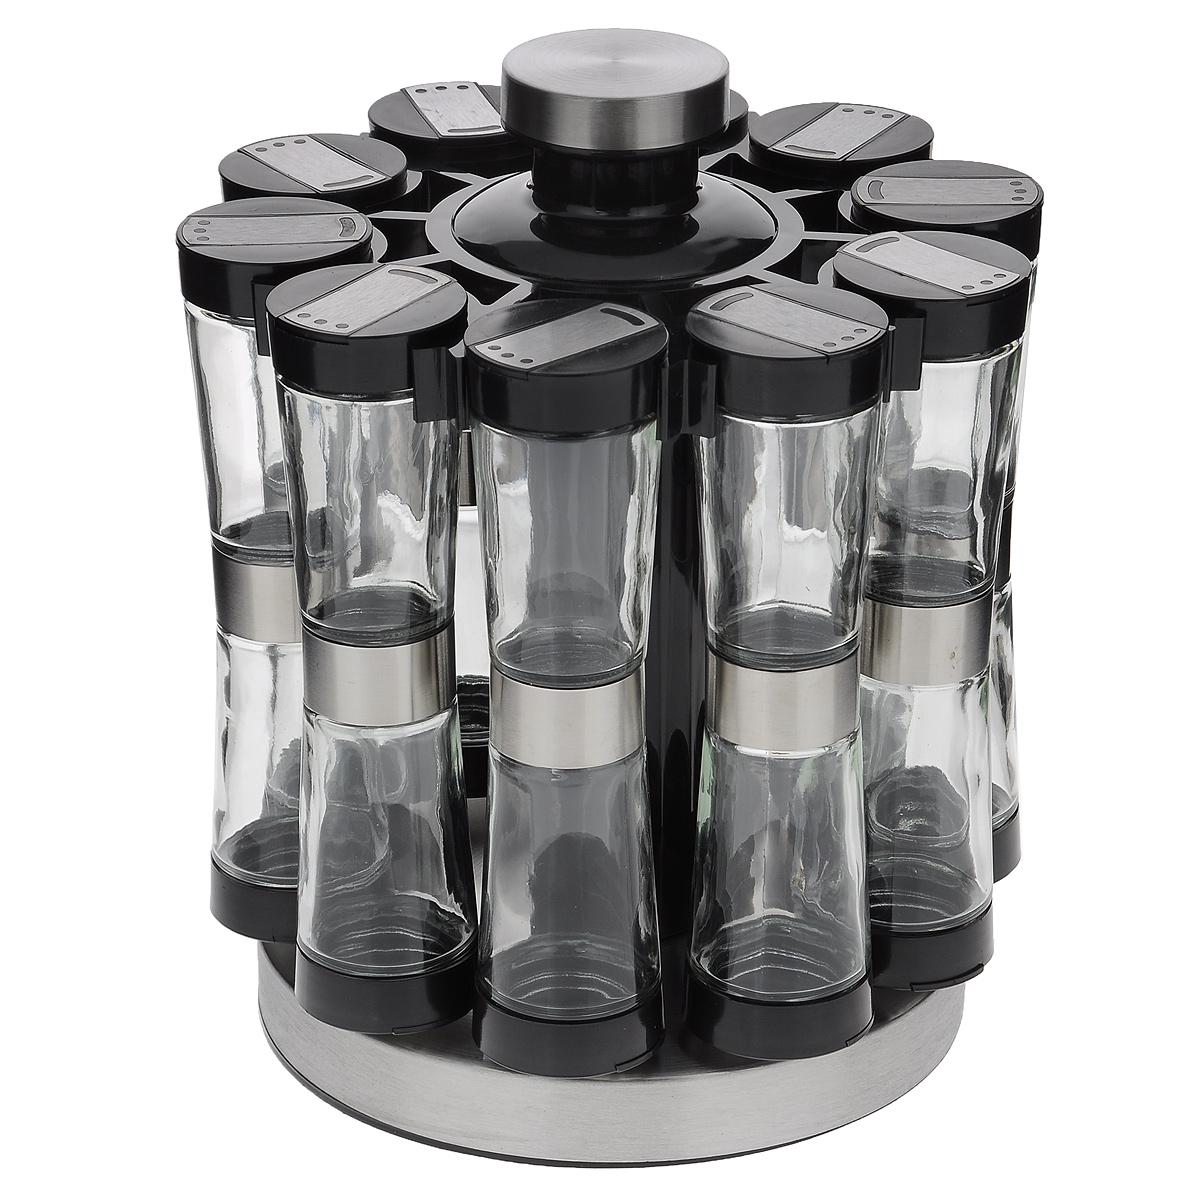 Набор для специй, 21 предметGSR2520Набор для специй состоит из 20 баночек для специй и подставки. Баночки изготовлены из стекла и оснащены плотно закручивающимися крышками из пластика черного цвета. Крышки снабжены клапаном с большим отверстием и тремя маленькими отверстиями. Баночки подвешиваются на вращающуюся пластиковую подставку с отделкой металлическими элементами. Набор идеально подойдет для хранения различных приправ и специй. Благодаря прозрачным стенкам, можно видеть содержимое баночек. Такой набор стильно дополнит интерьер кухни и станет незаменимым помощником в приготовлении ваших любимых блюд. Баночки можно мыть в посудомоечной машине. Диаметр баночки (по верхнему краю): 4,5 см. Высота баночки: 9 см. Размер подставки (ДхШхВ): 18 см х 18 см х 25 см.